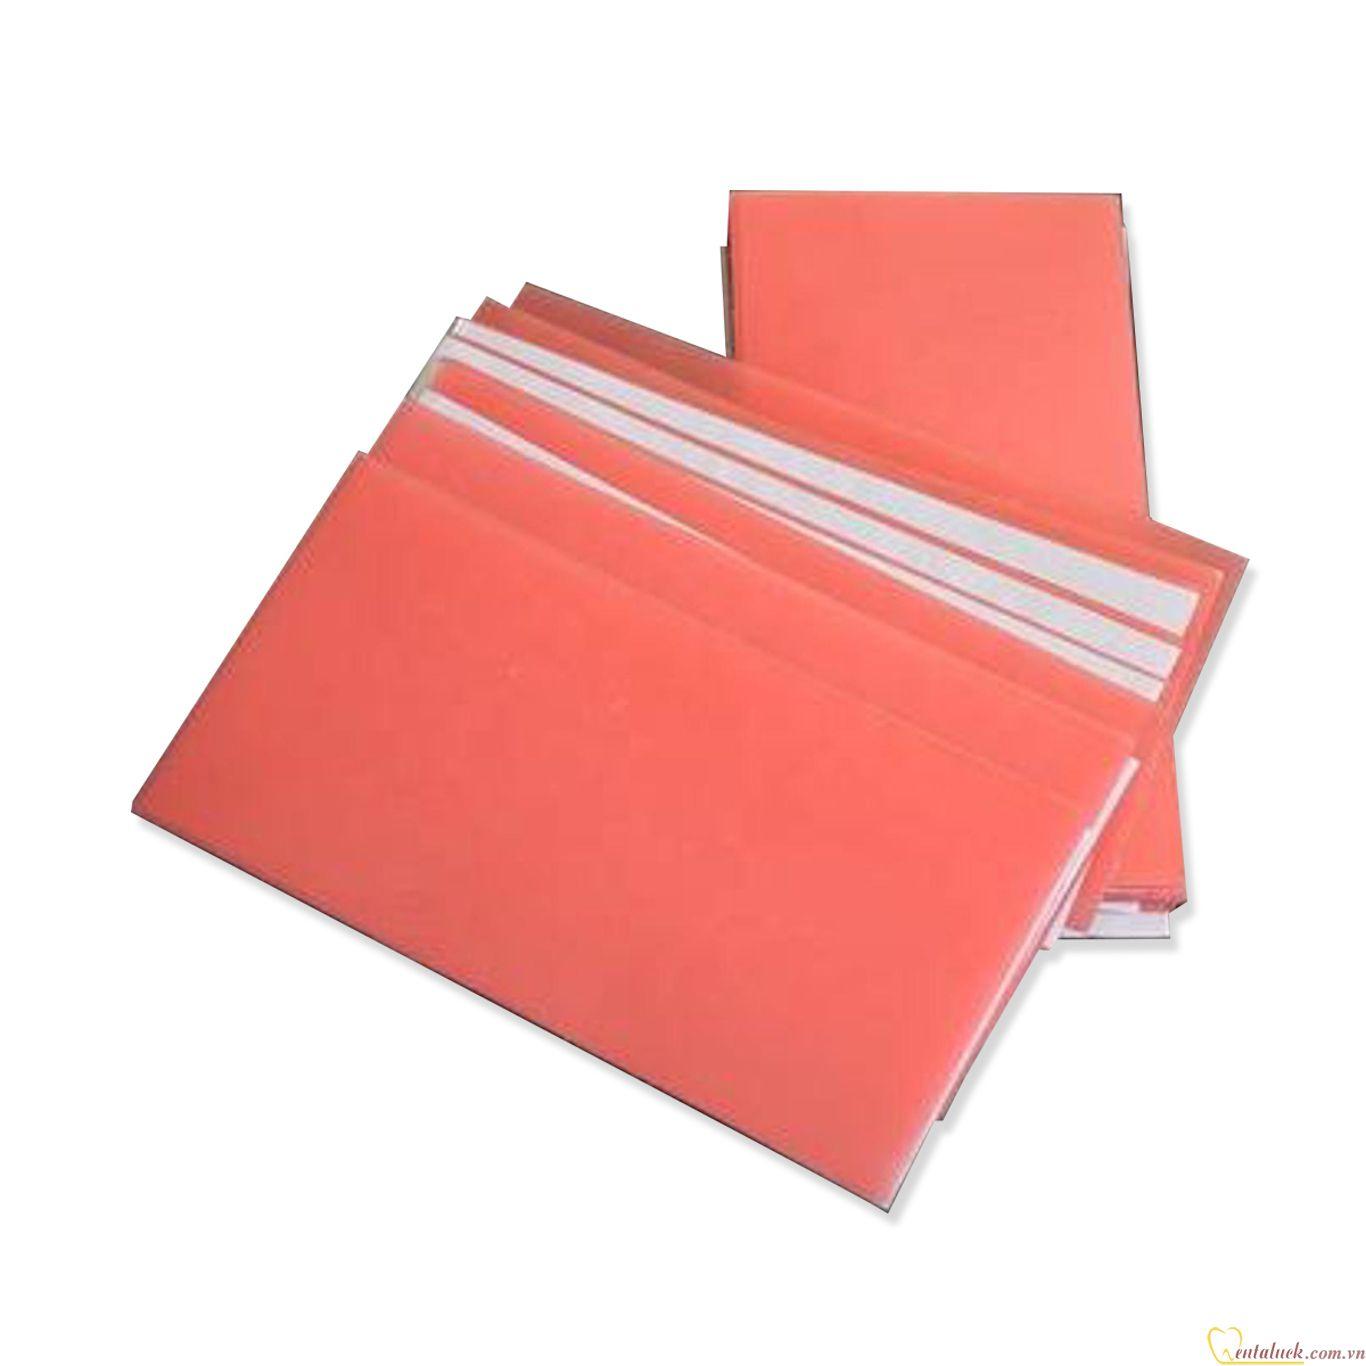 Sáp hồng nền (lá) TQ 500g/hộp lớn